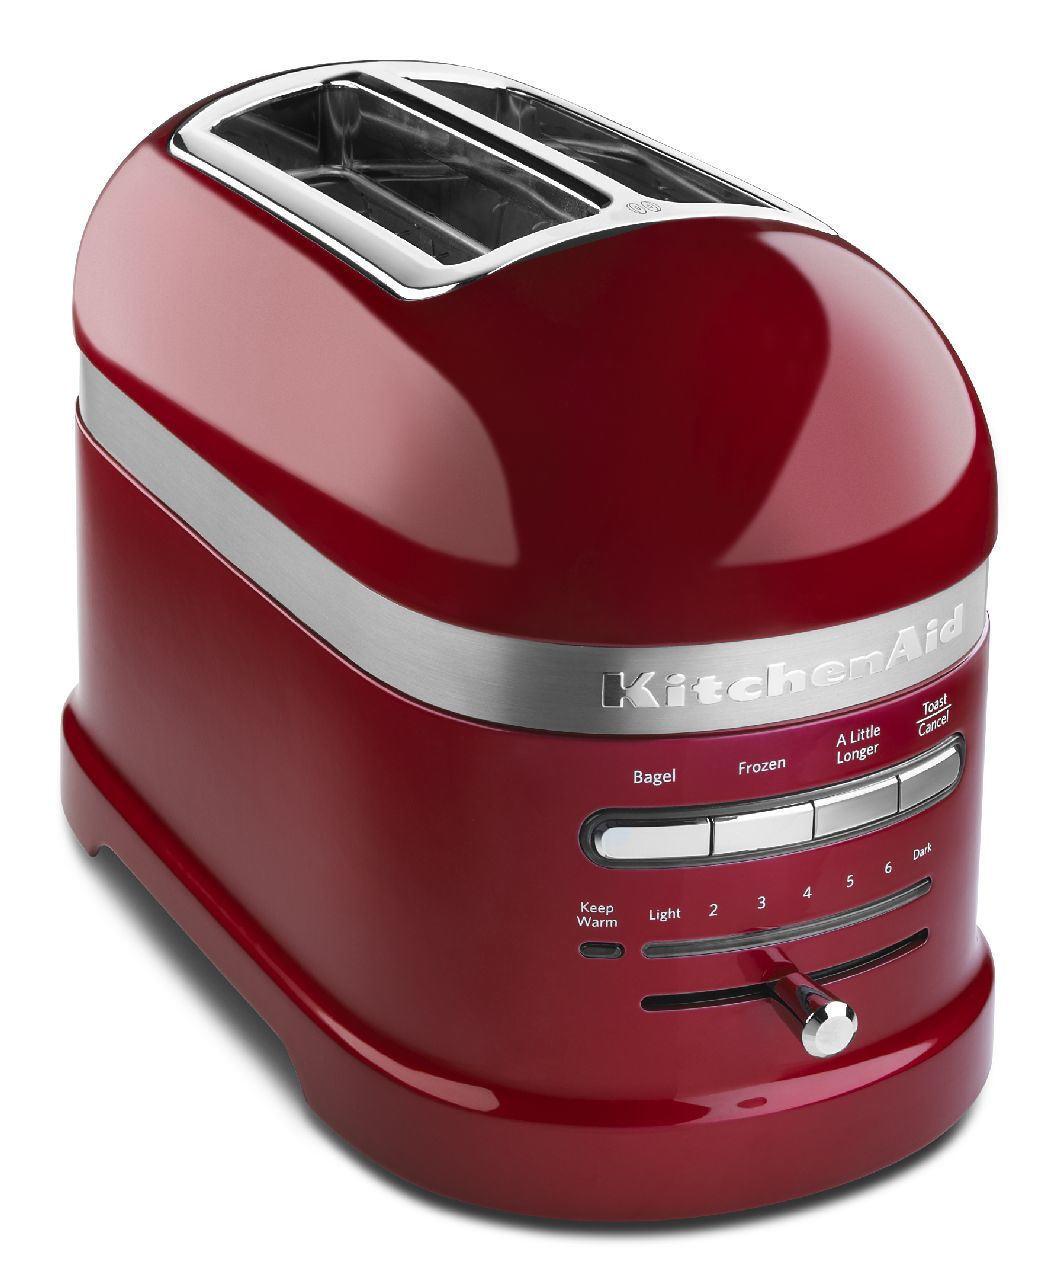 KitchenAid Proline 2 Slice Toaster - Candy Apple rouge